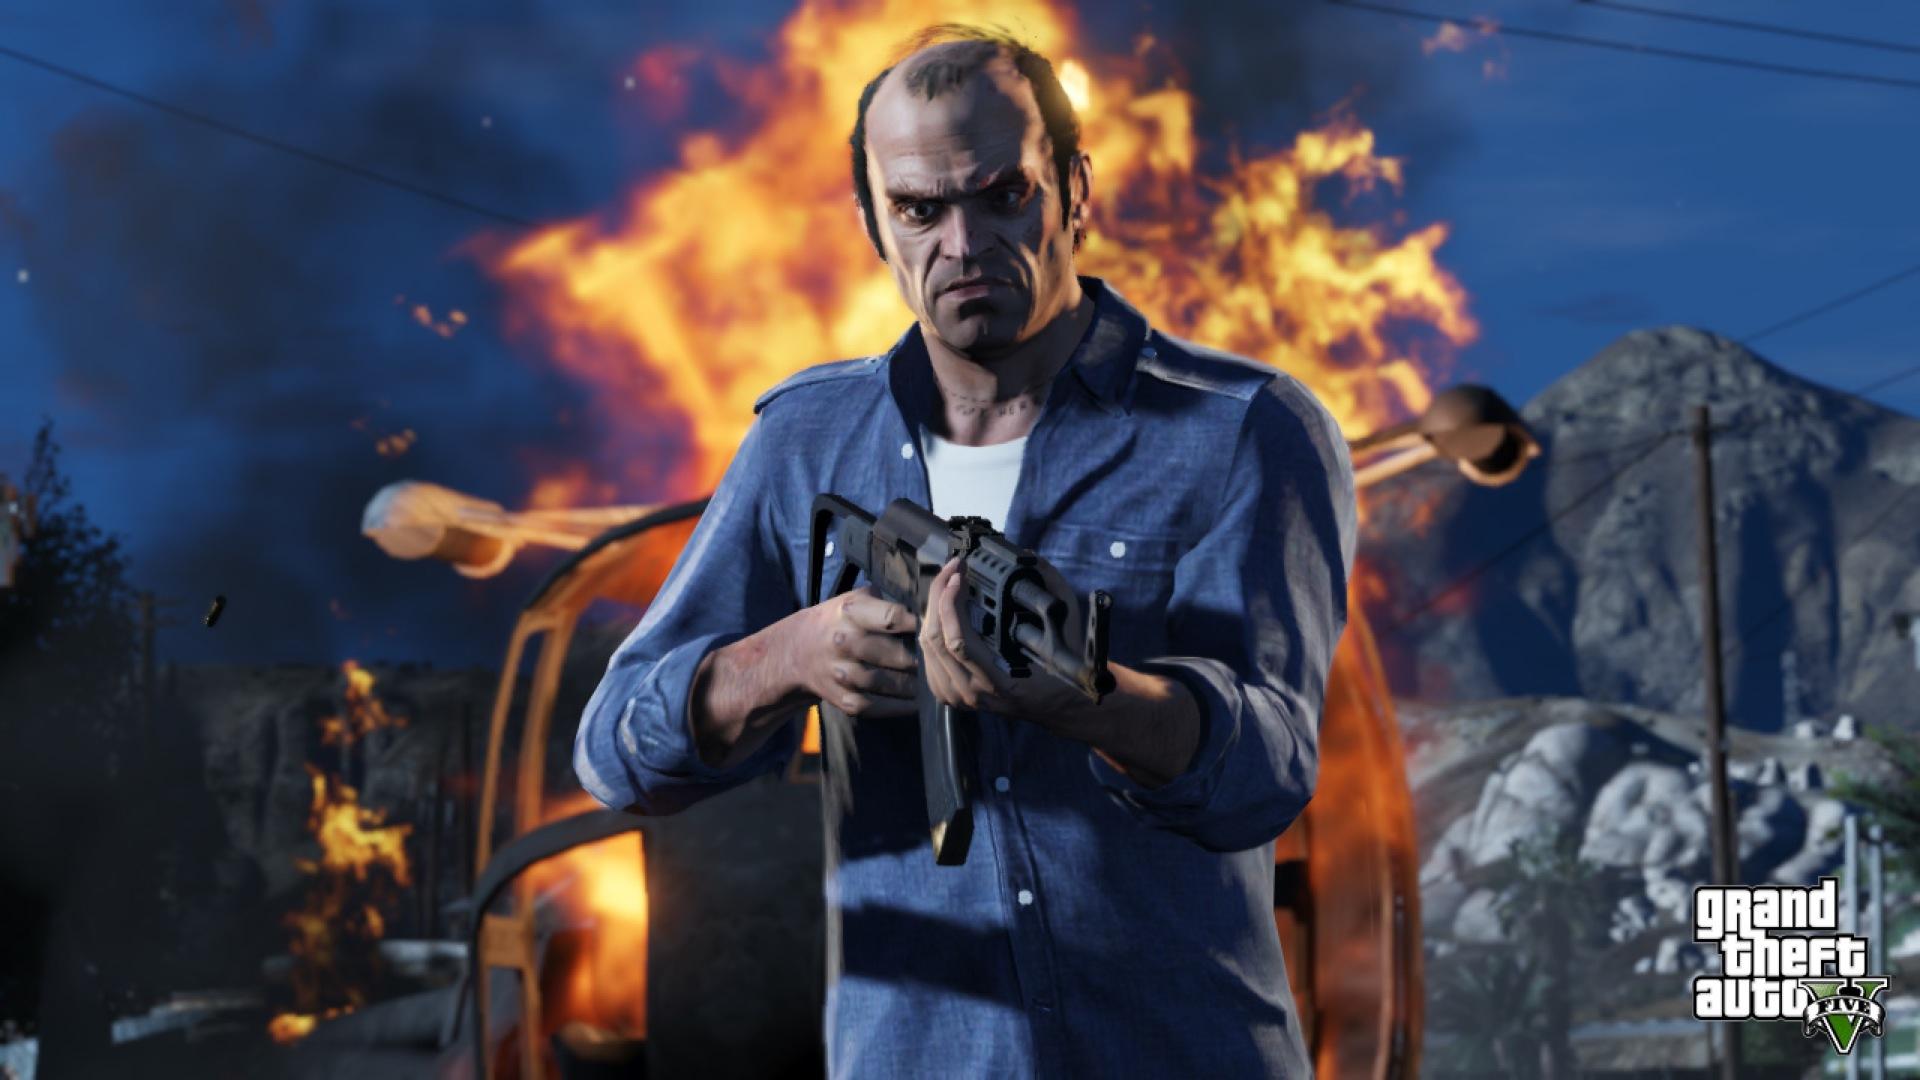 GTA 5: Niko Bellic está vivo y tiene cuenta en Life Invader